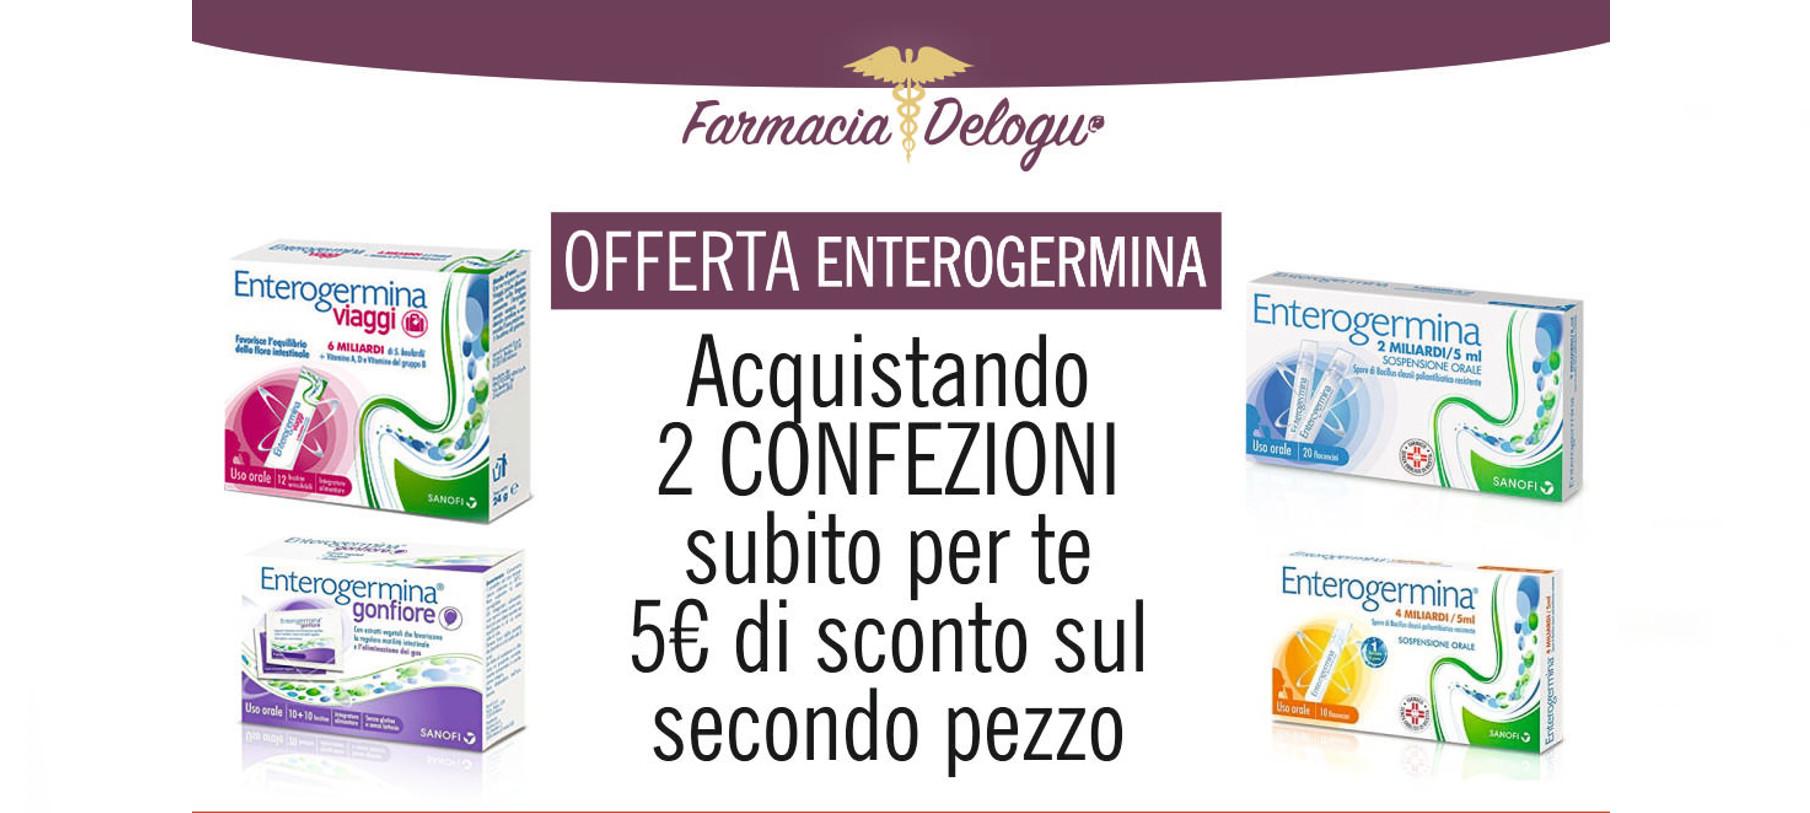 offerte-sassari-farmacia-delogu-viale-italia-enterogermina